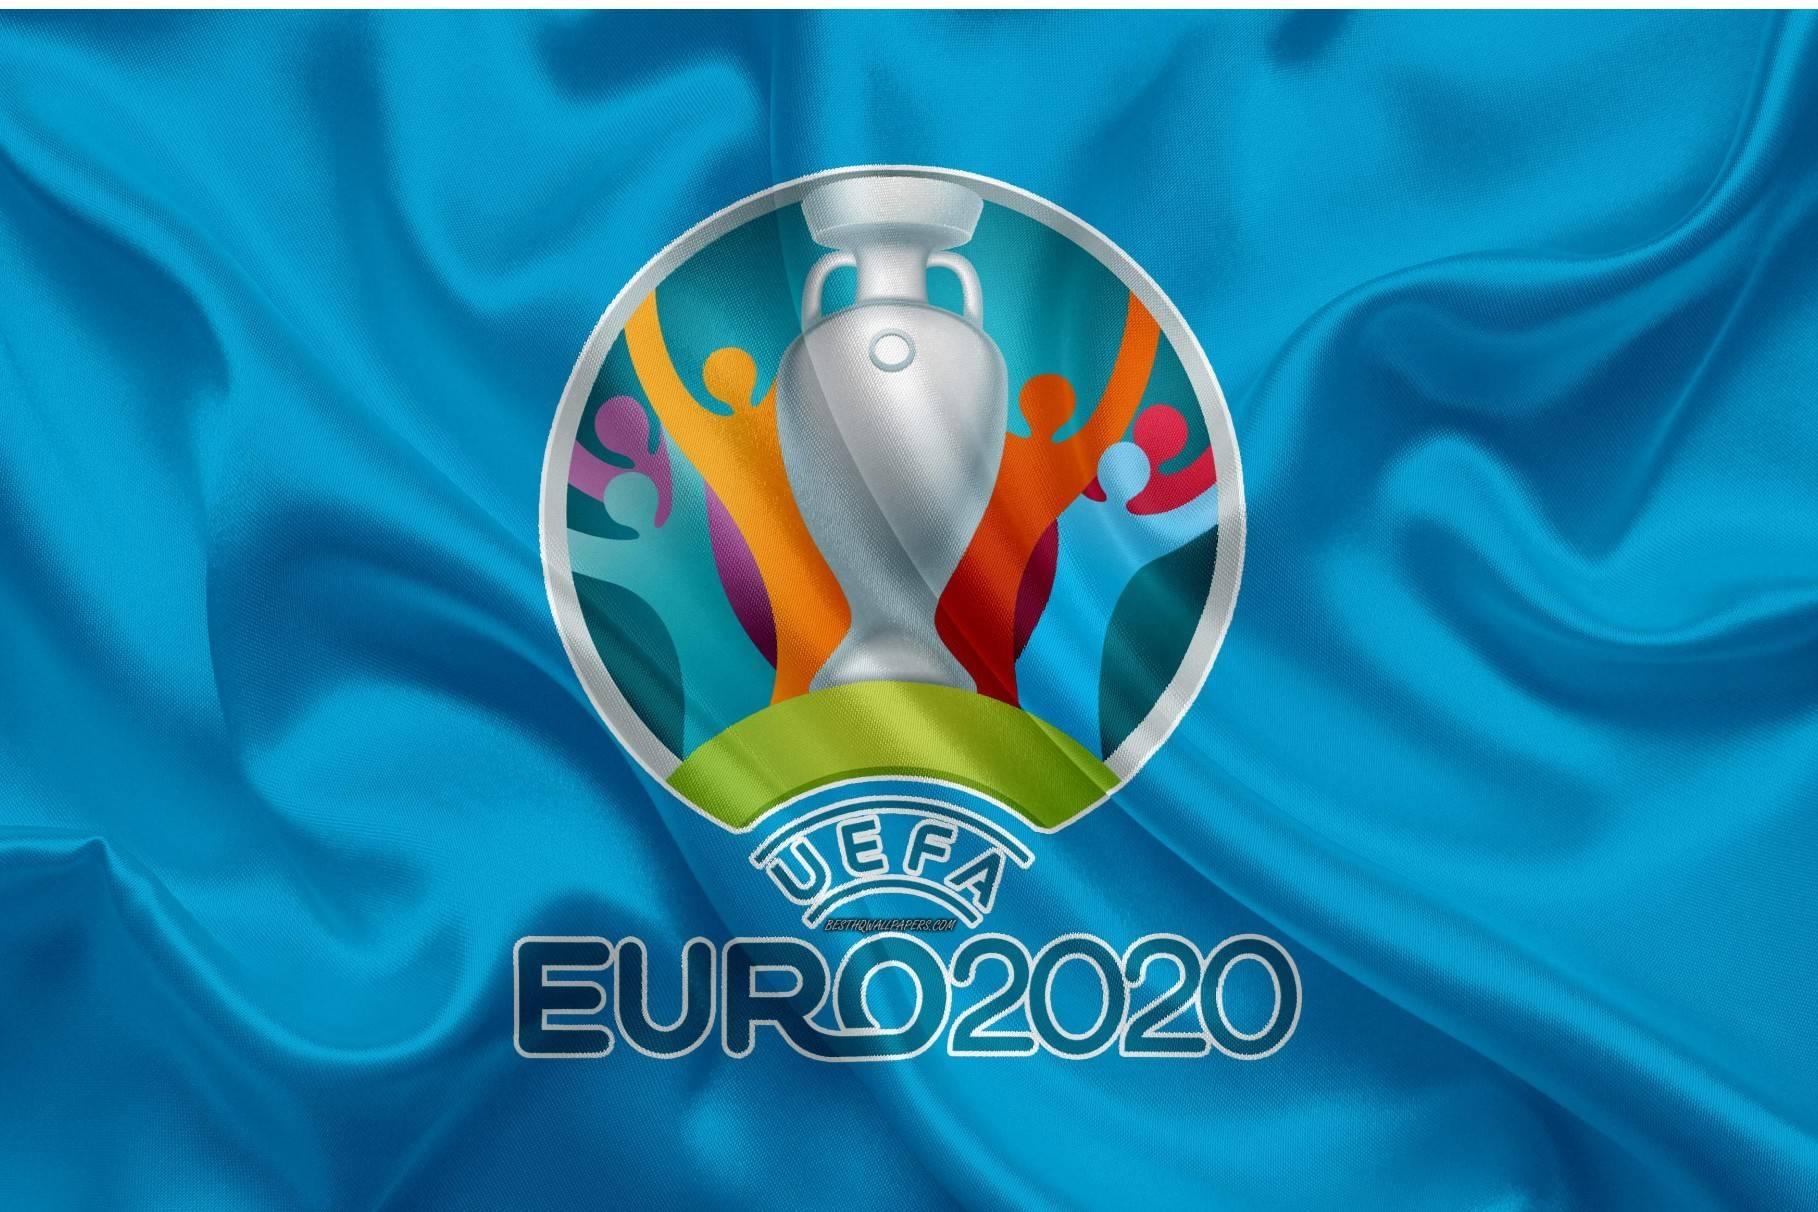 欧洲杯8强对阵比利时死磕意大利,乌克兰挑战英格兰